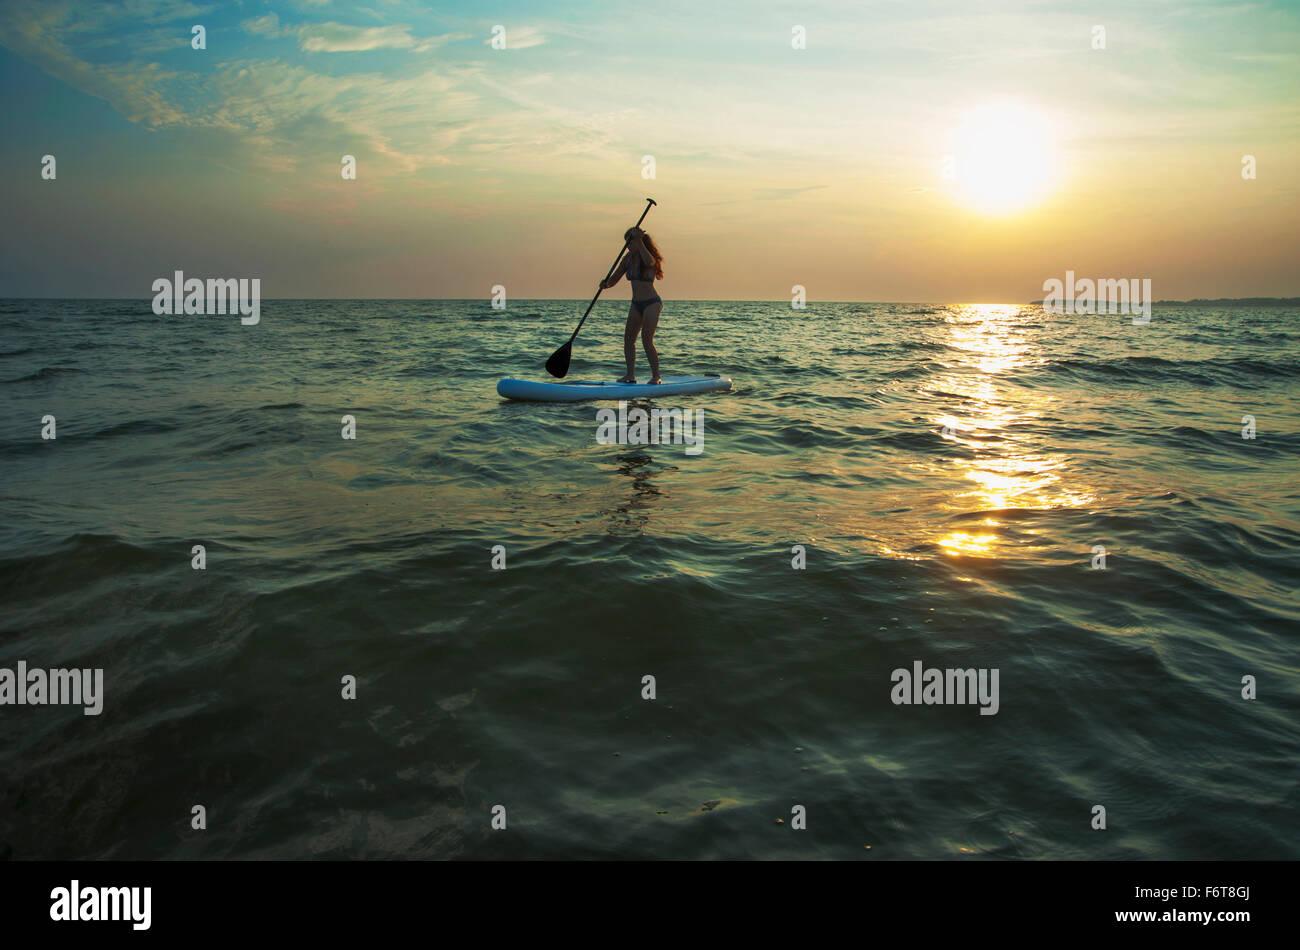 Frau stehend auf Paddleboard in See Stockbild